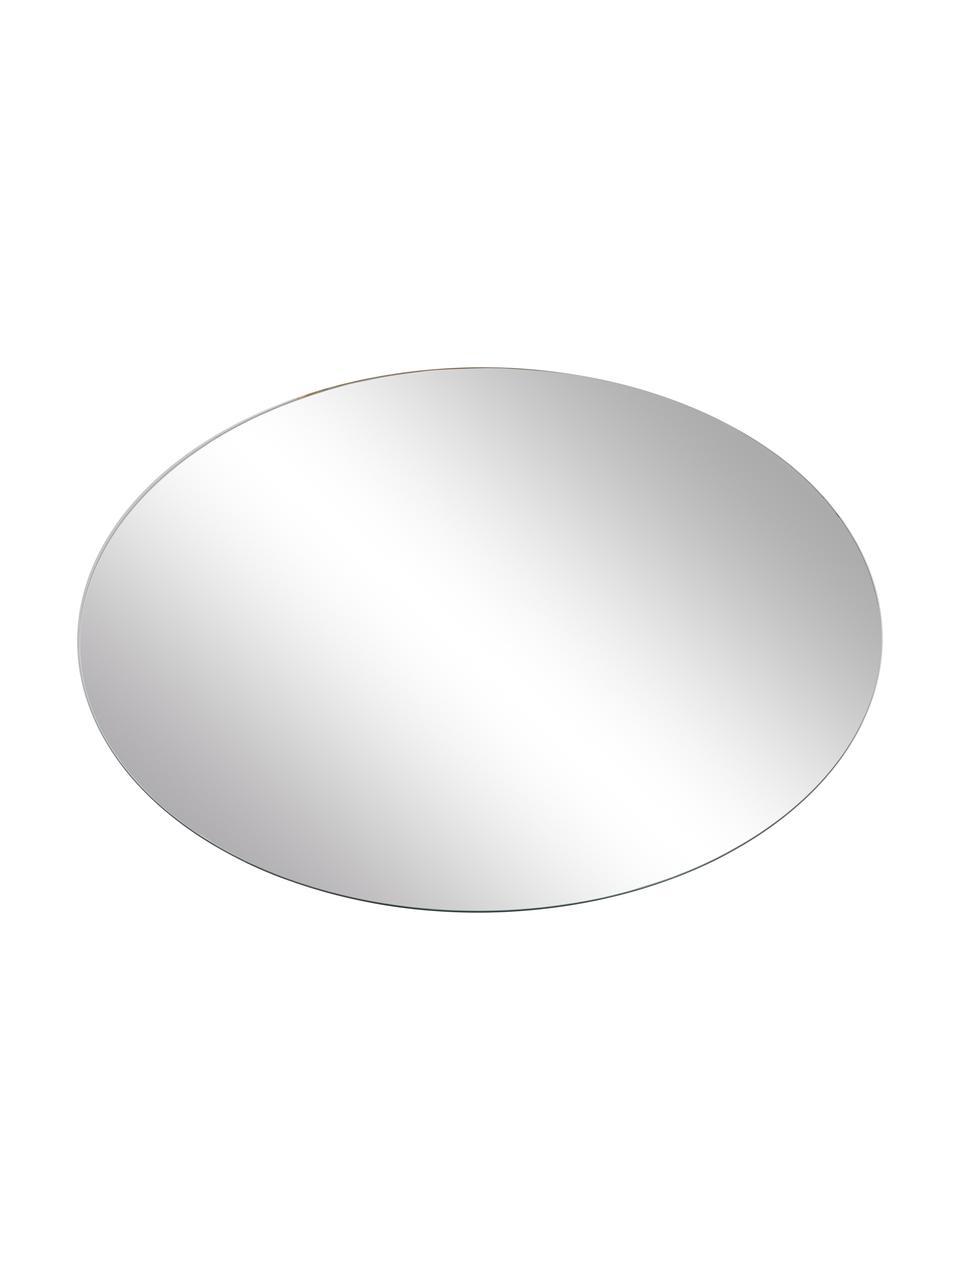 Miroir mural rond sans cadre Erin, Verre miroir